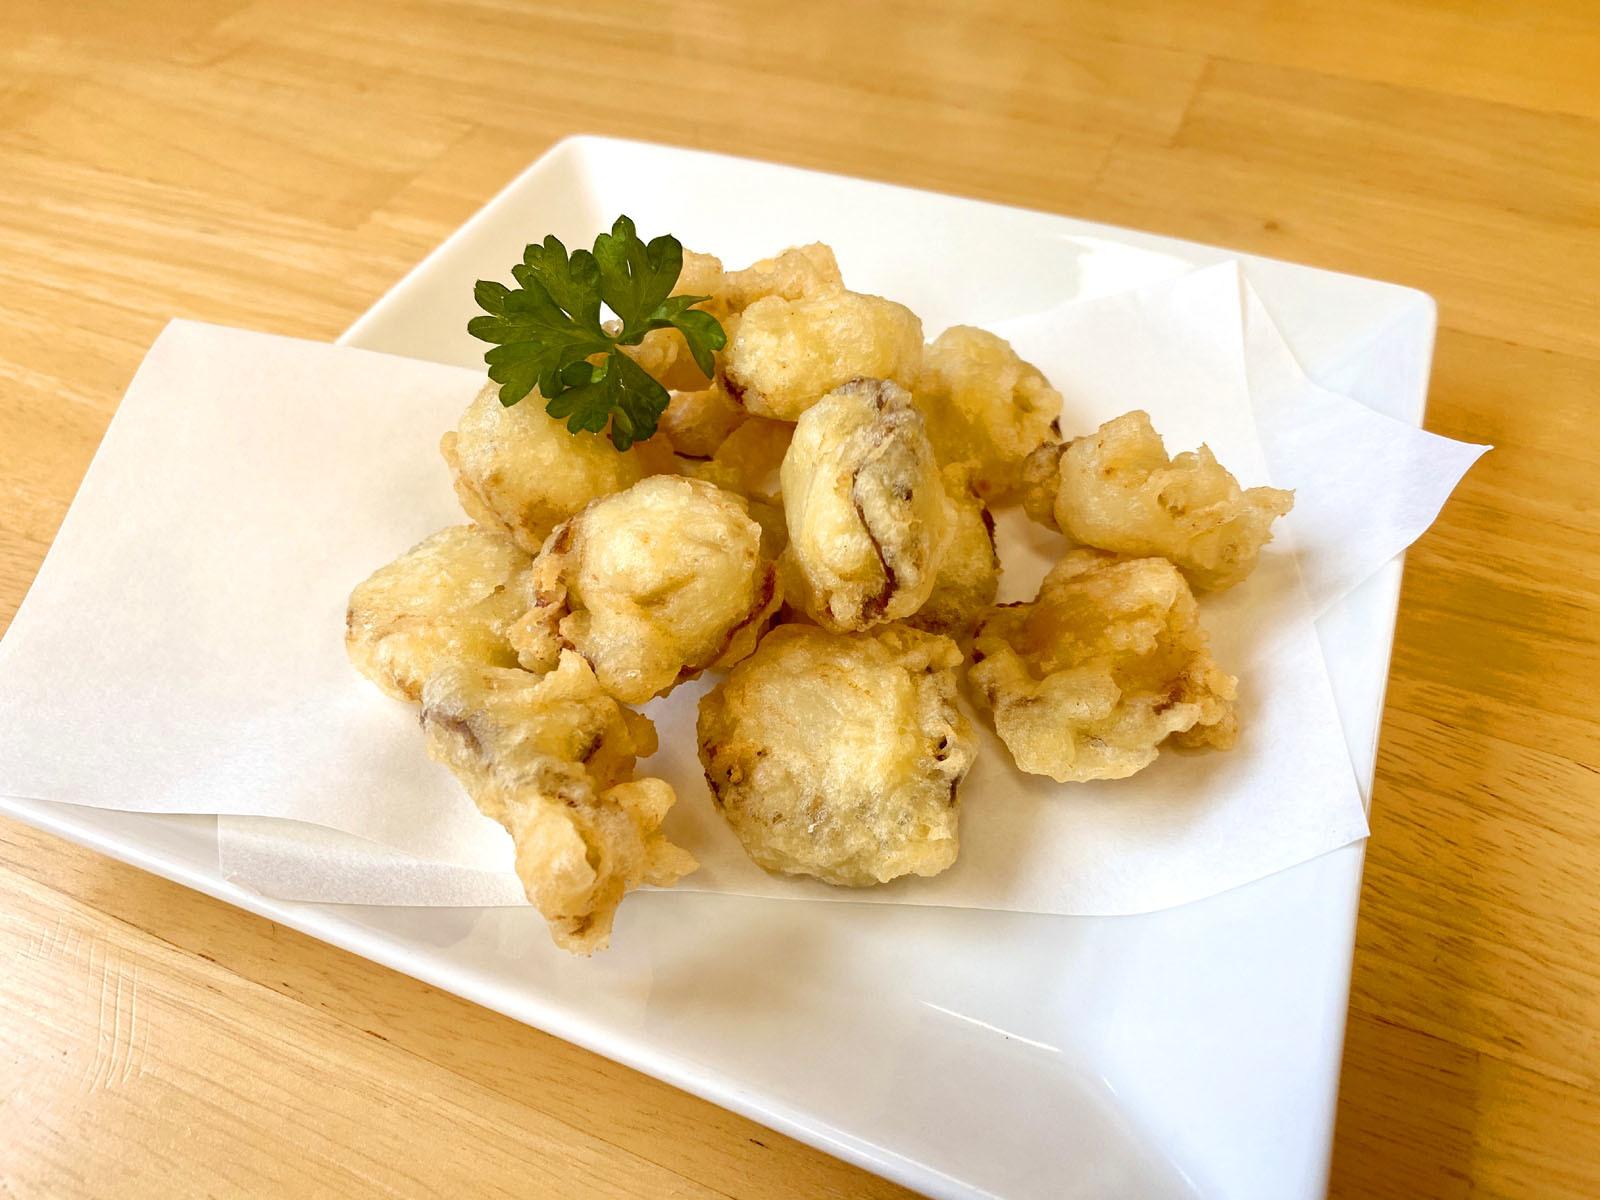 ヒオウギ貝の天ぷら